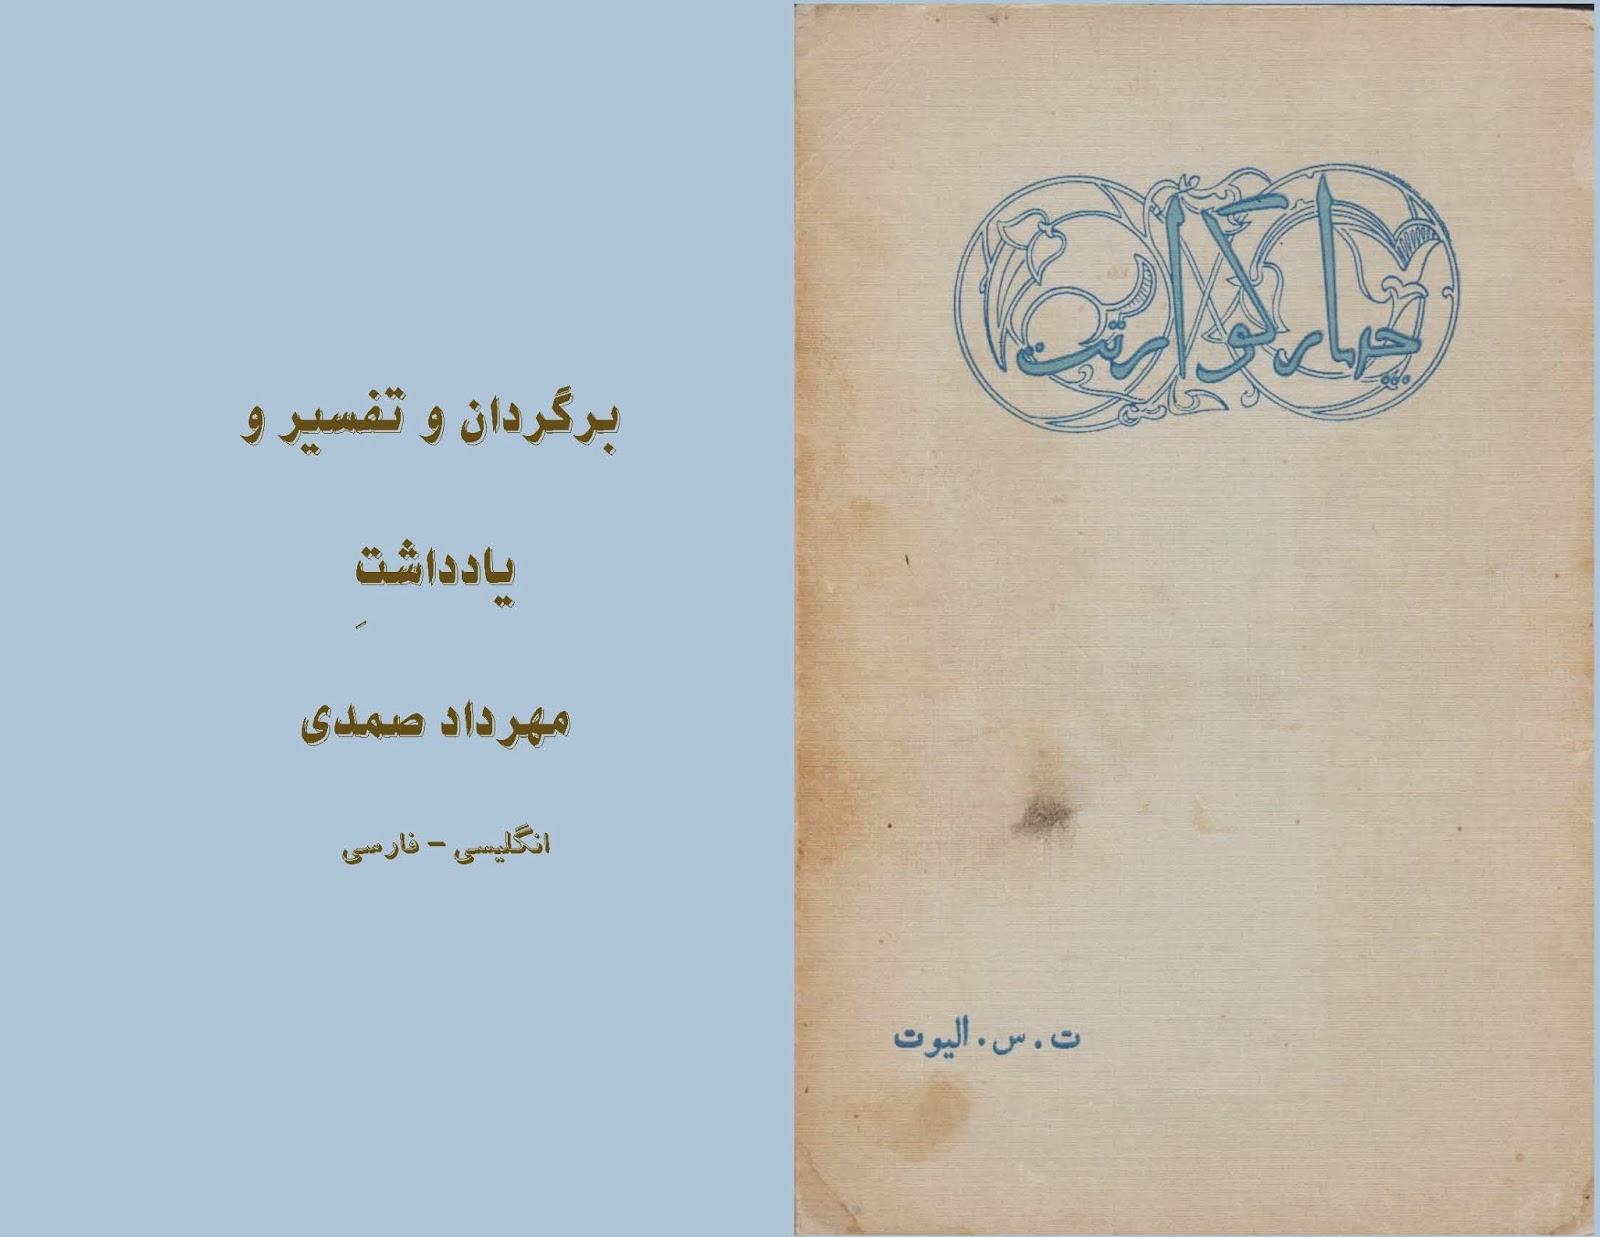 http://amirsj.files.wordpress.com/2014/03/4-quartets-mehrdad-samad-fin.pdf